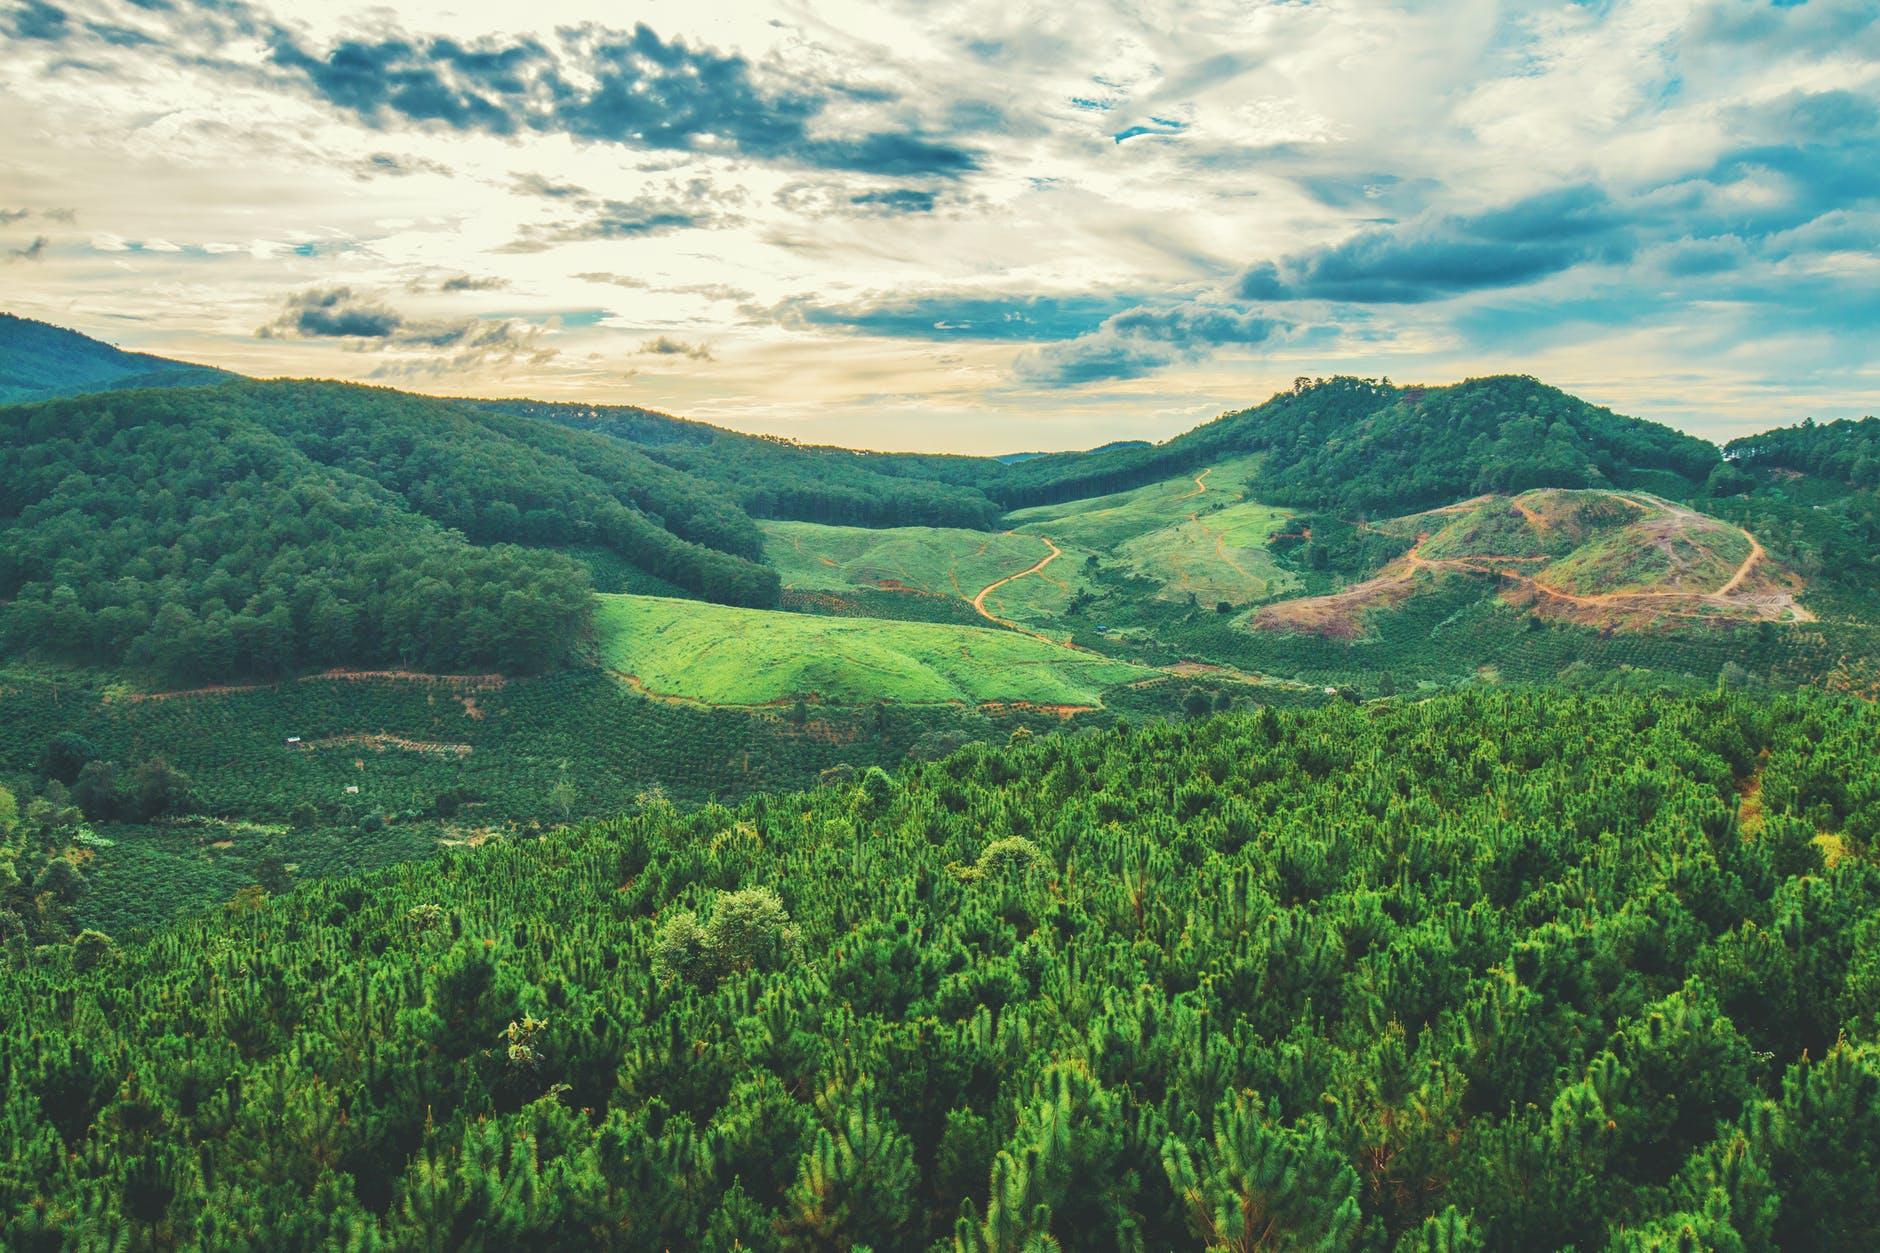 加拿大联邦政府正在加紧努力开发亚太木材市场